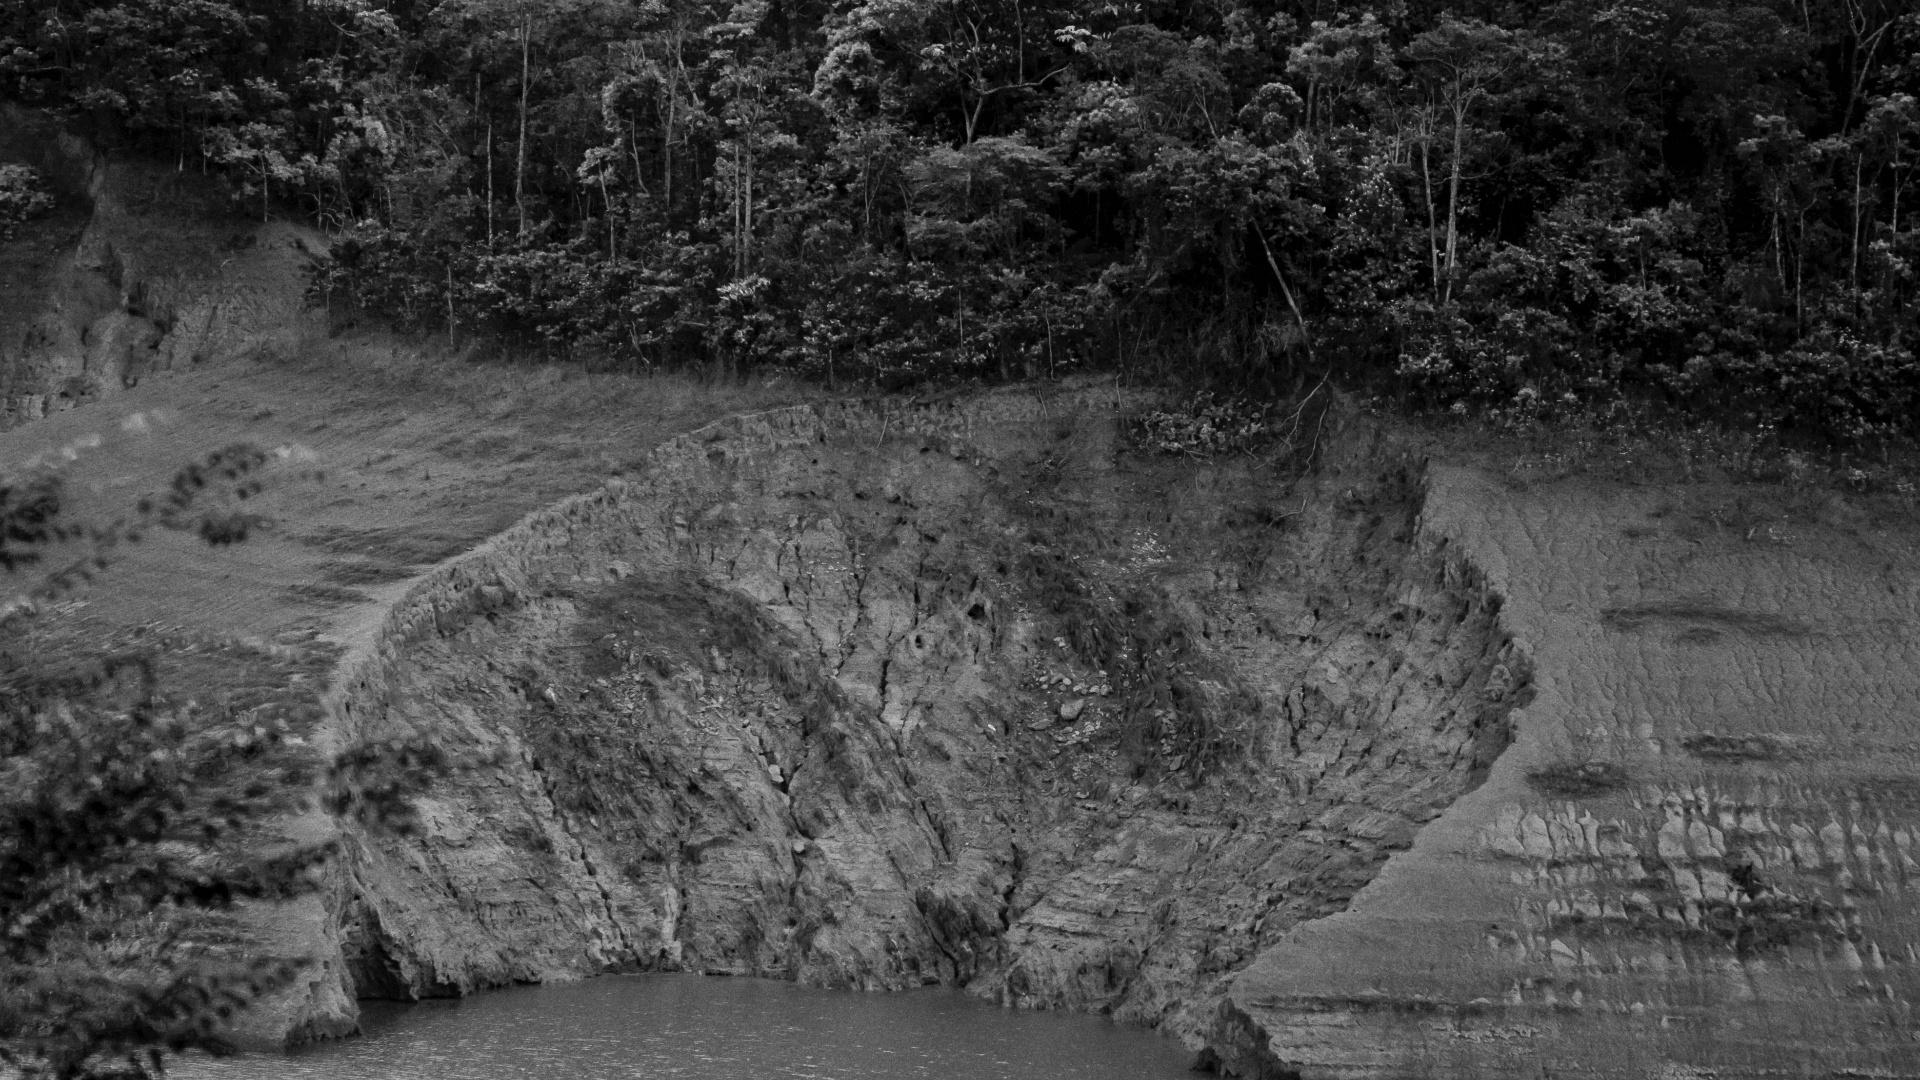 4.ago.2015 - PARAIBUNA - Para evitar o risco de desabastecimento de água e para que o reservatório do Paraibuna volte ao volume morto, a vazão da barragem da Usina Santa Cecília, em Barra do Piraí (cidade no Vale do Paraíba), baixou para 110 m³/s. Segundo a secretária do Comitê de Integração da Bacia do Paraíba do Sul (Ceivap), Aparecida Vargas, a meta é chegar a essa vazão até outubro. Antes da crise, o volume liberado pela barragem era de 190 m³/s. Hoje, é de 135 m³/s